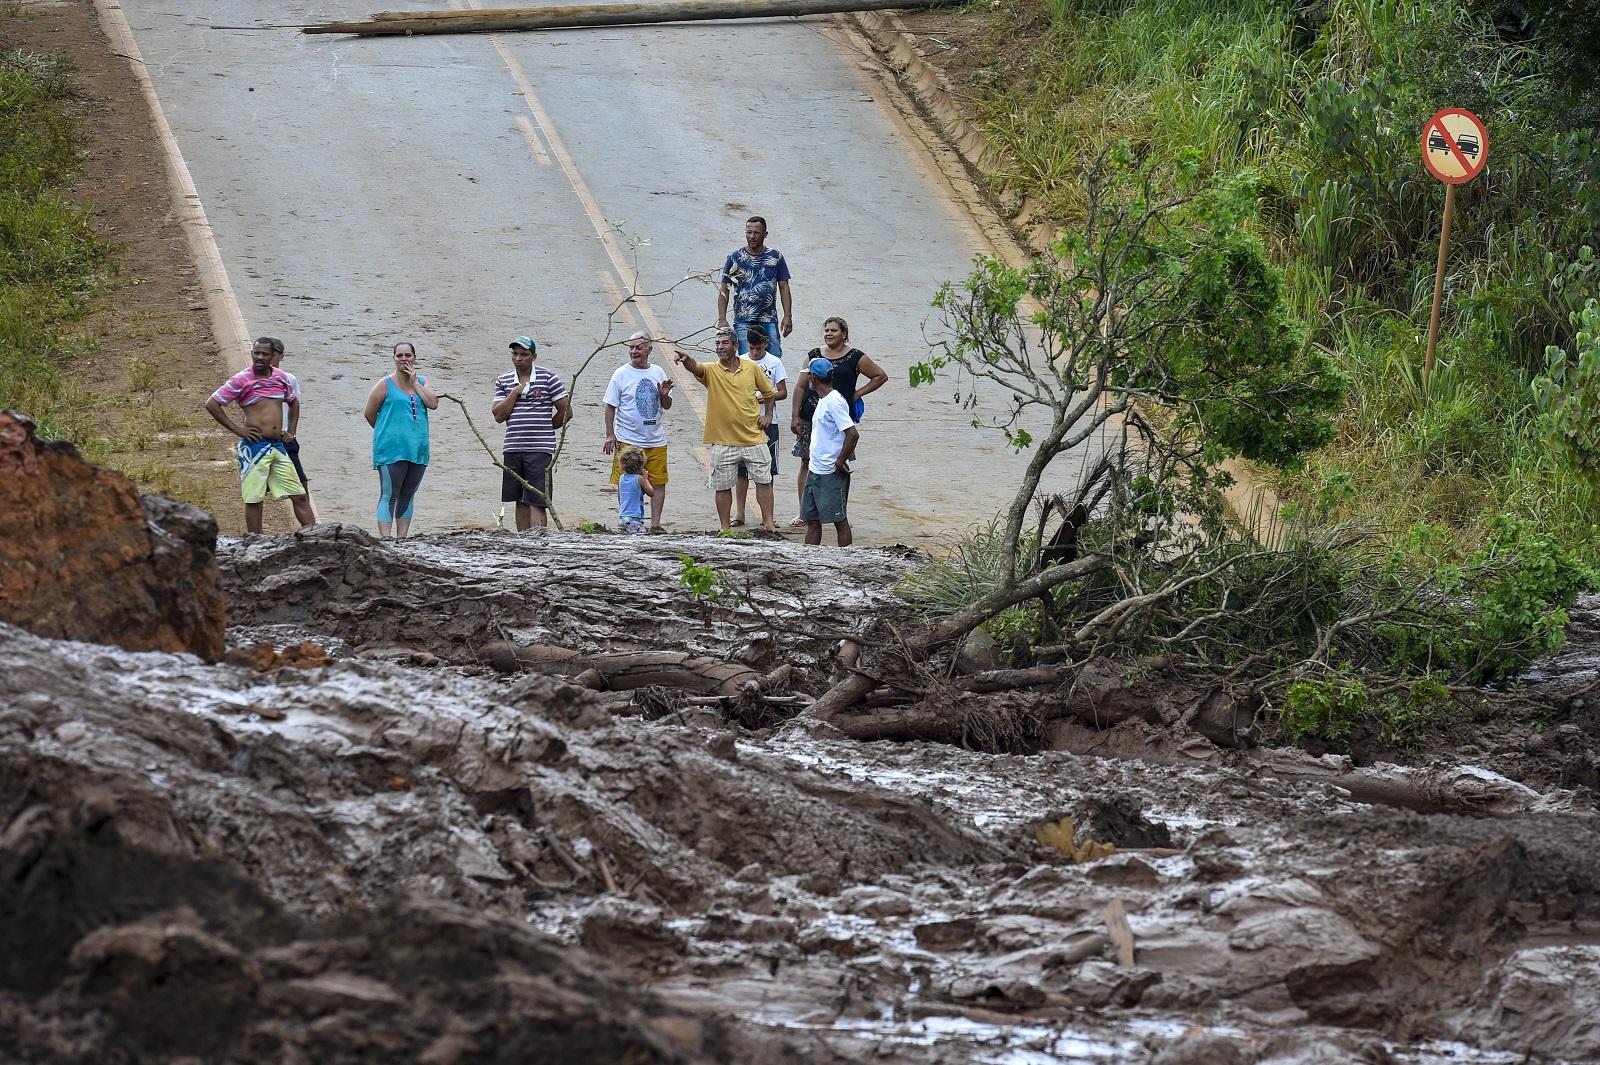 Moradores de Brumadinho observam a destruição provocada pelo mar de lama. Foto Lucas Bois / Anadolu Agency